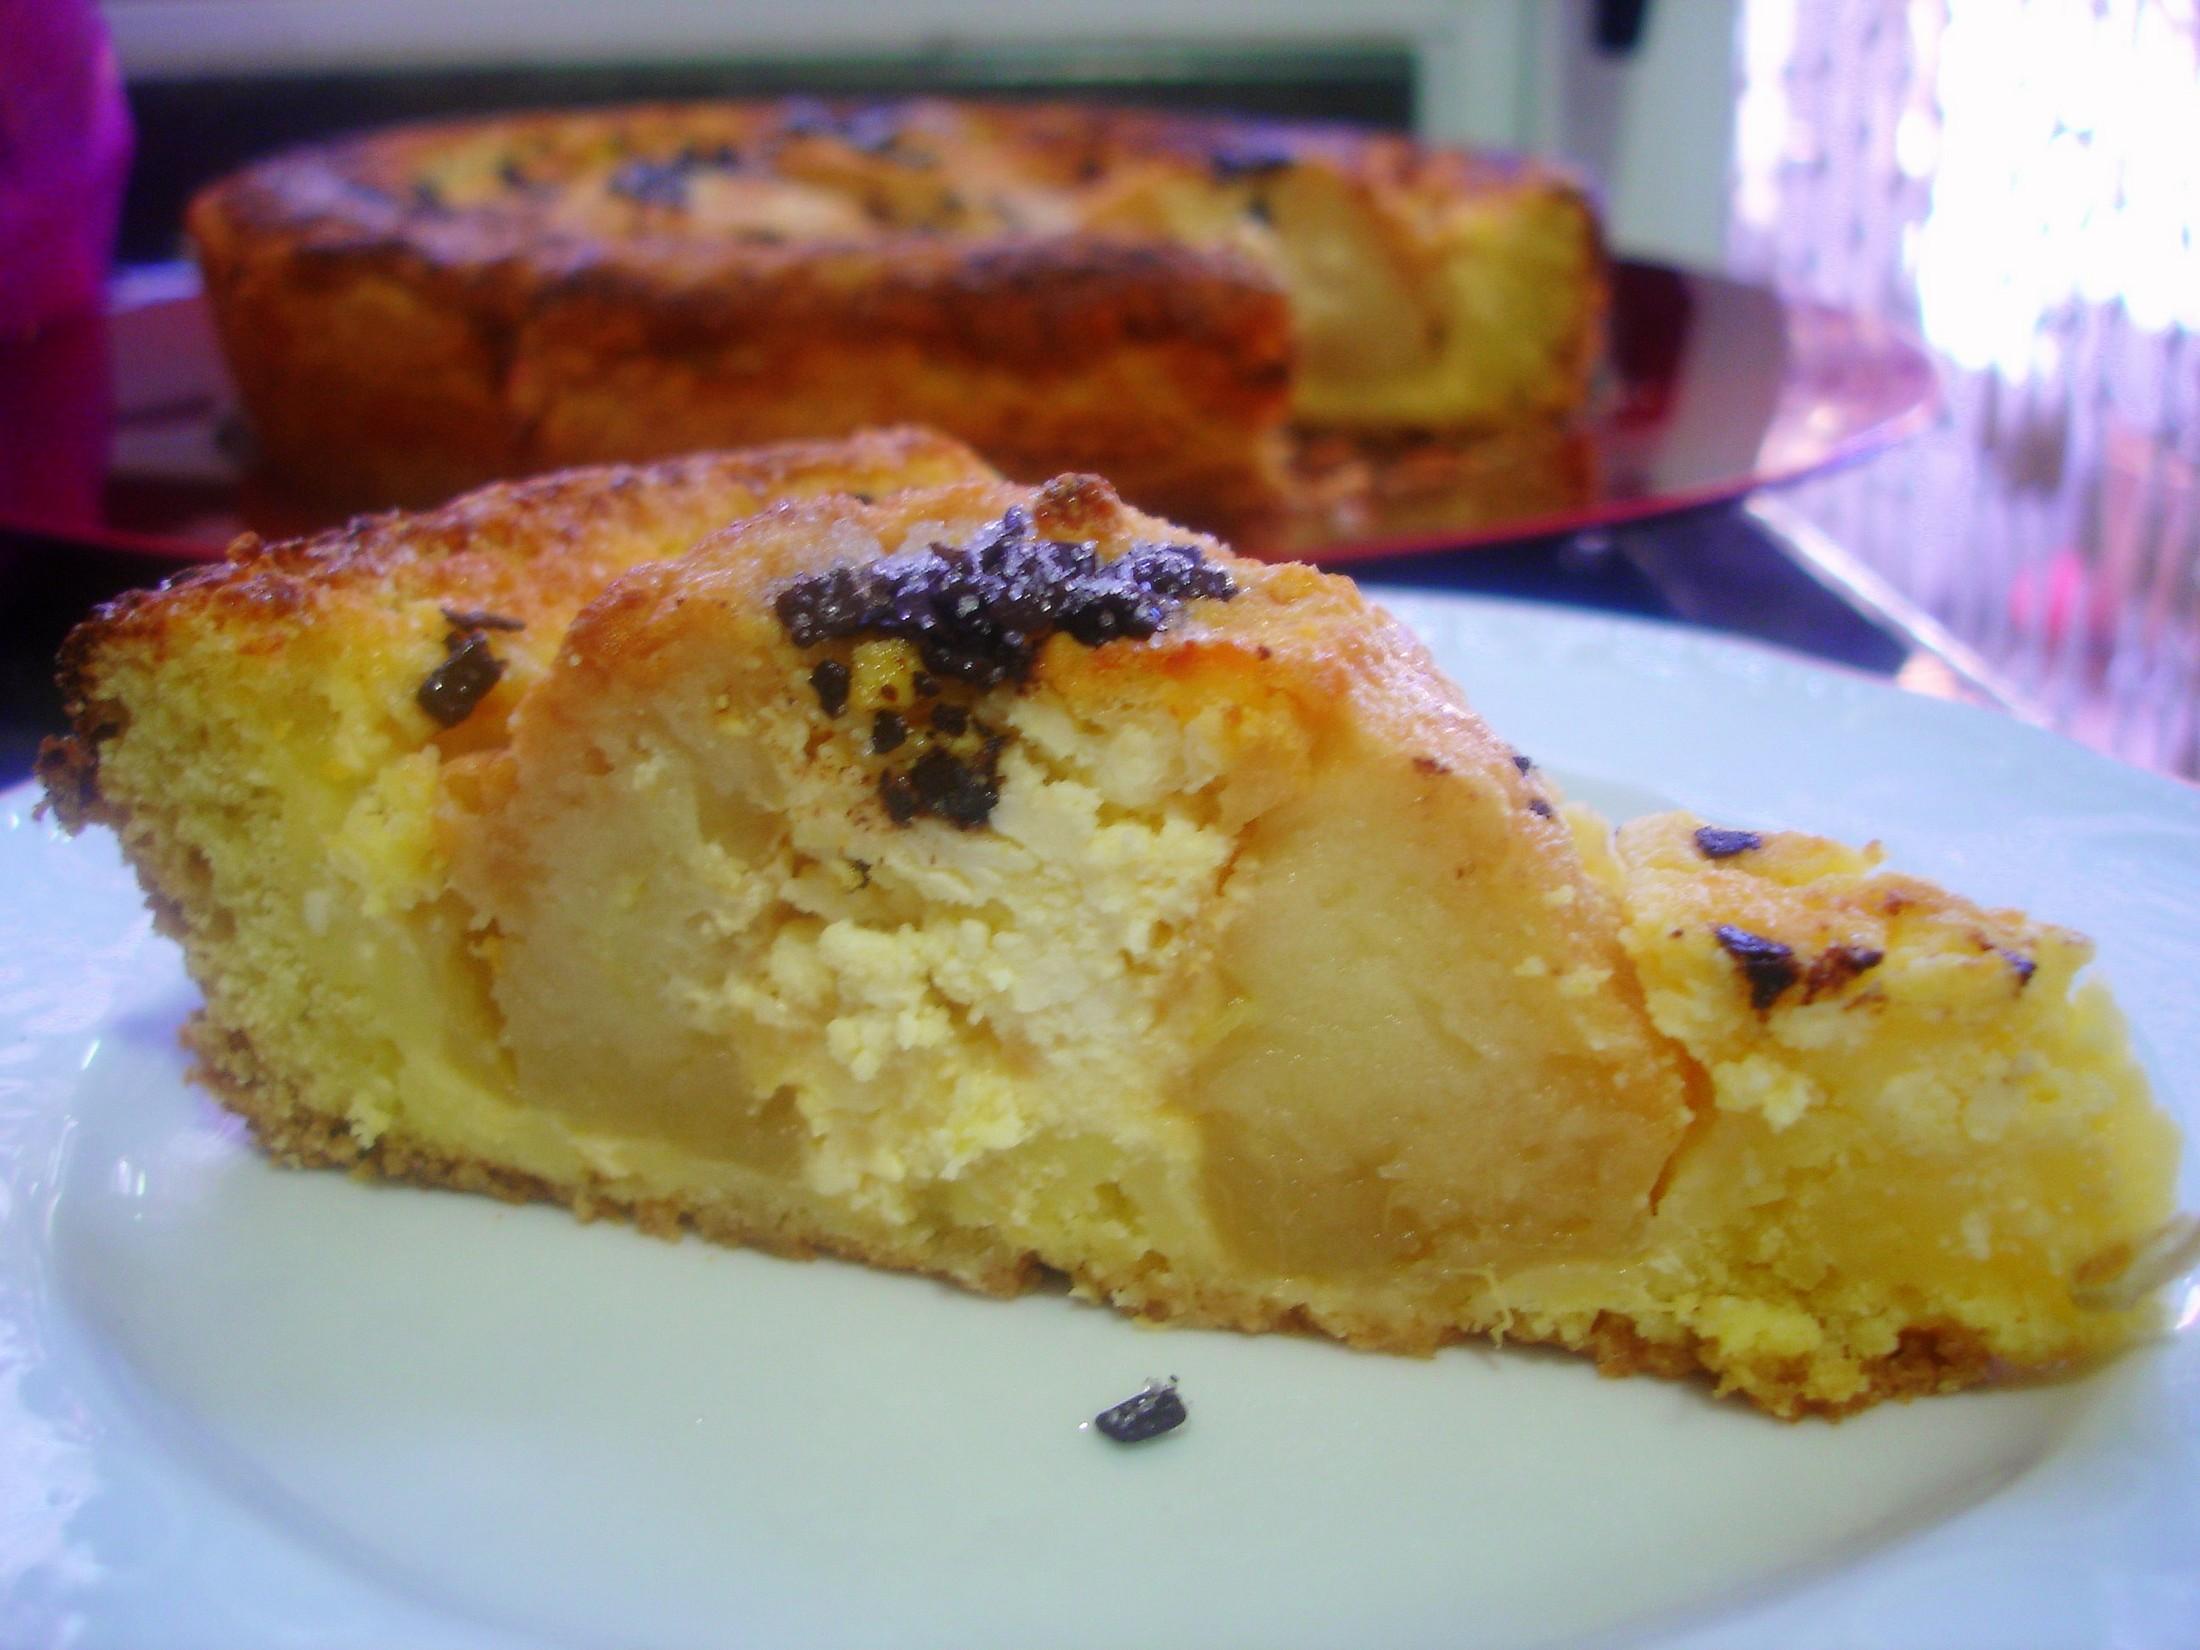 Receta de Tarta de queso y manzana reineta